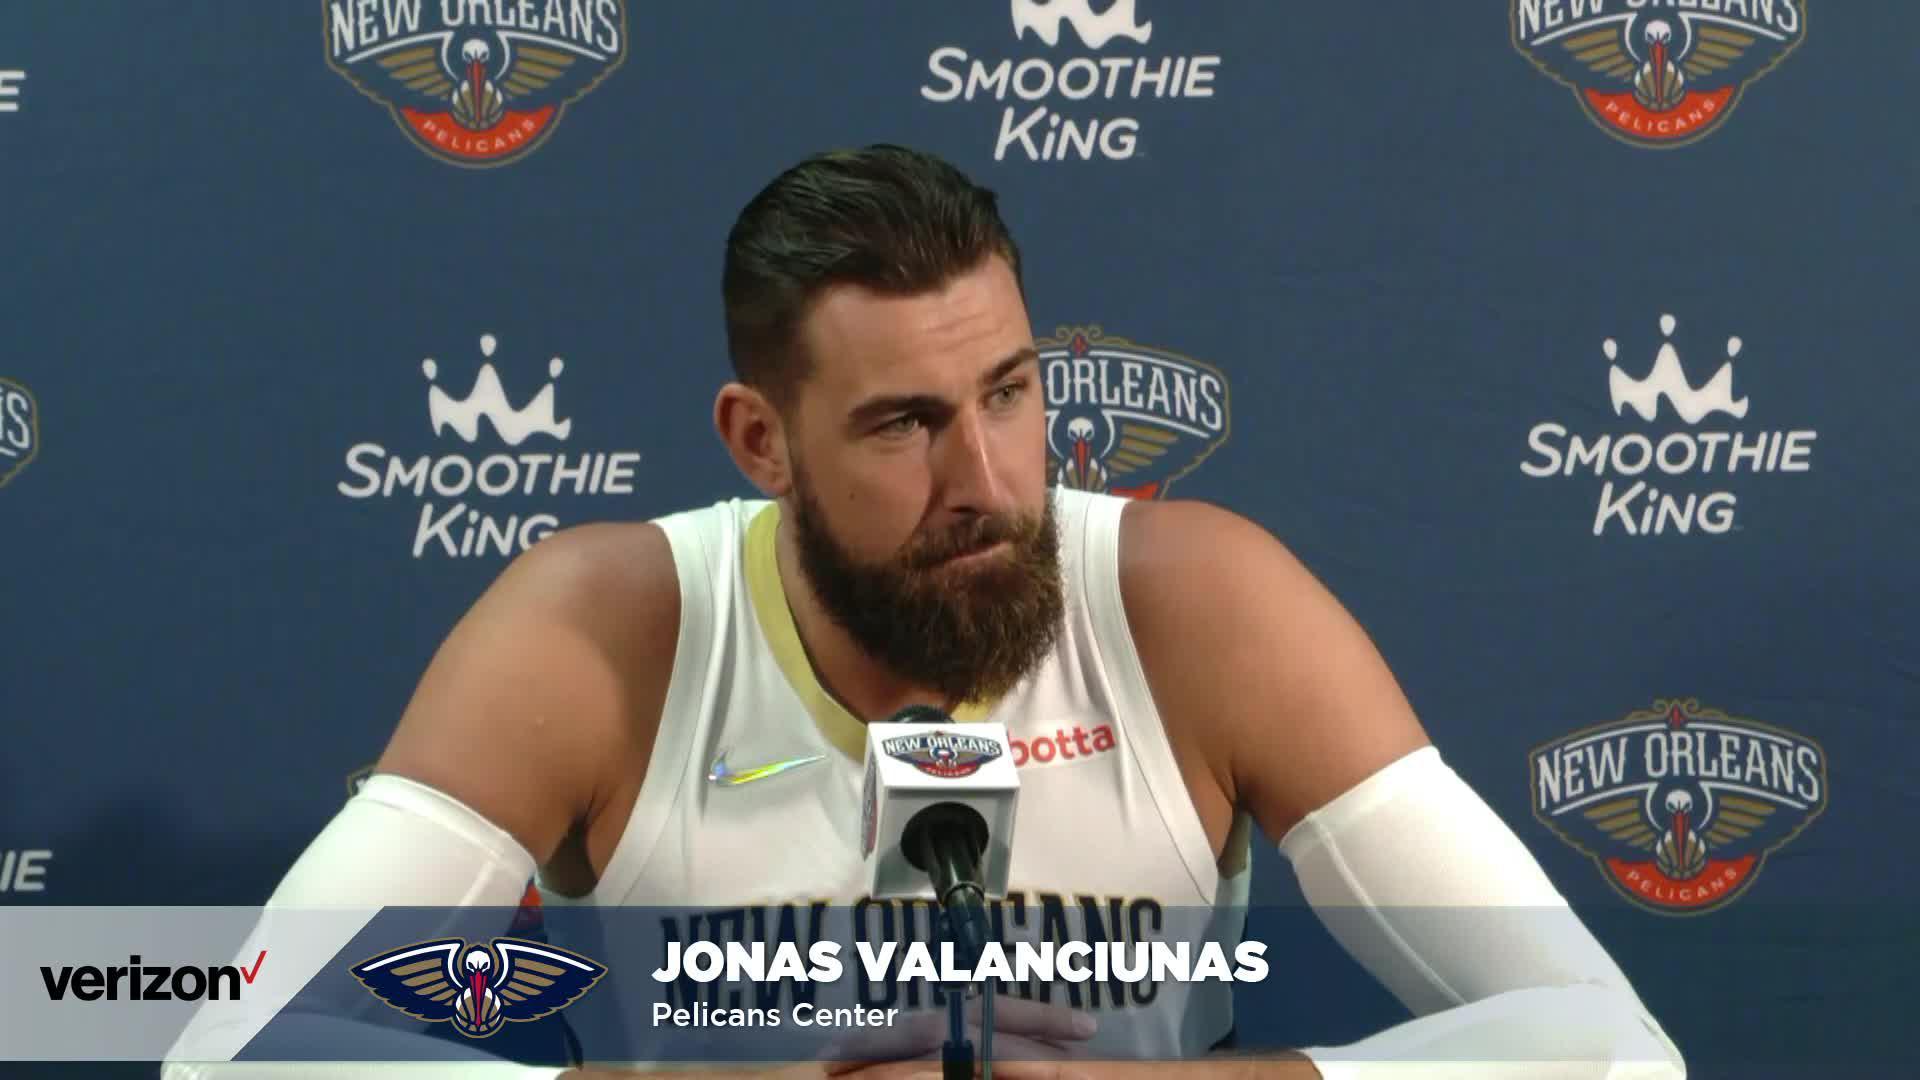 Jonas Valančiūnas on joining New Orleans | Pelicans Media Day 2021 Interviews